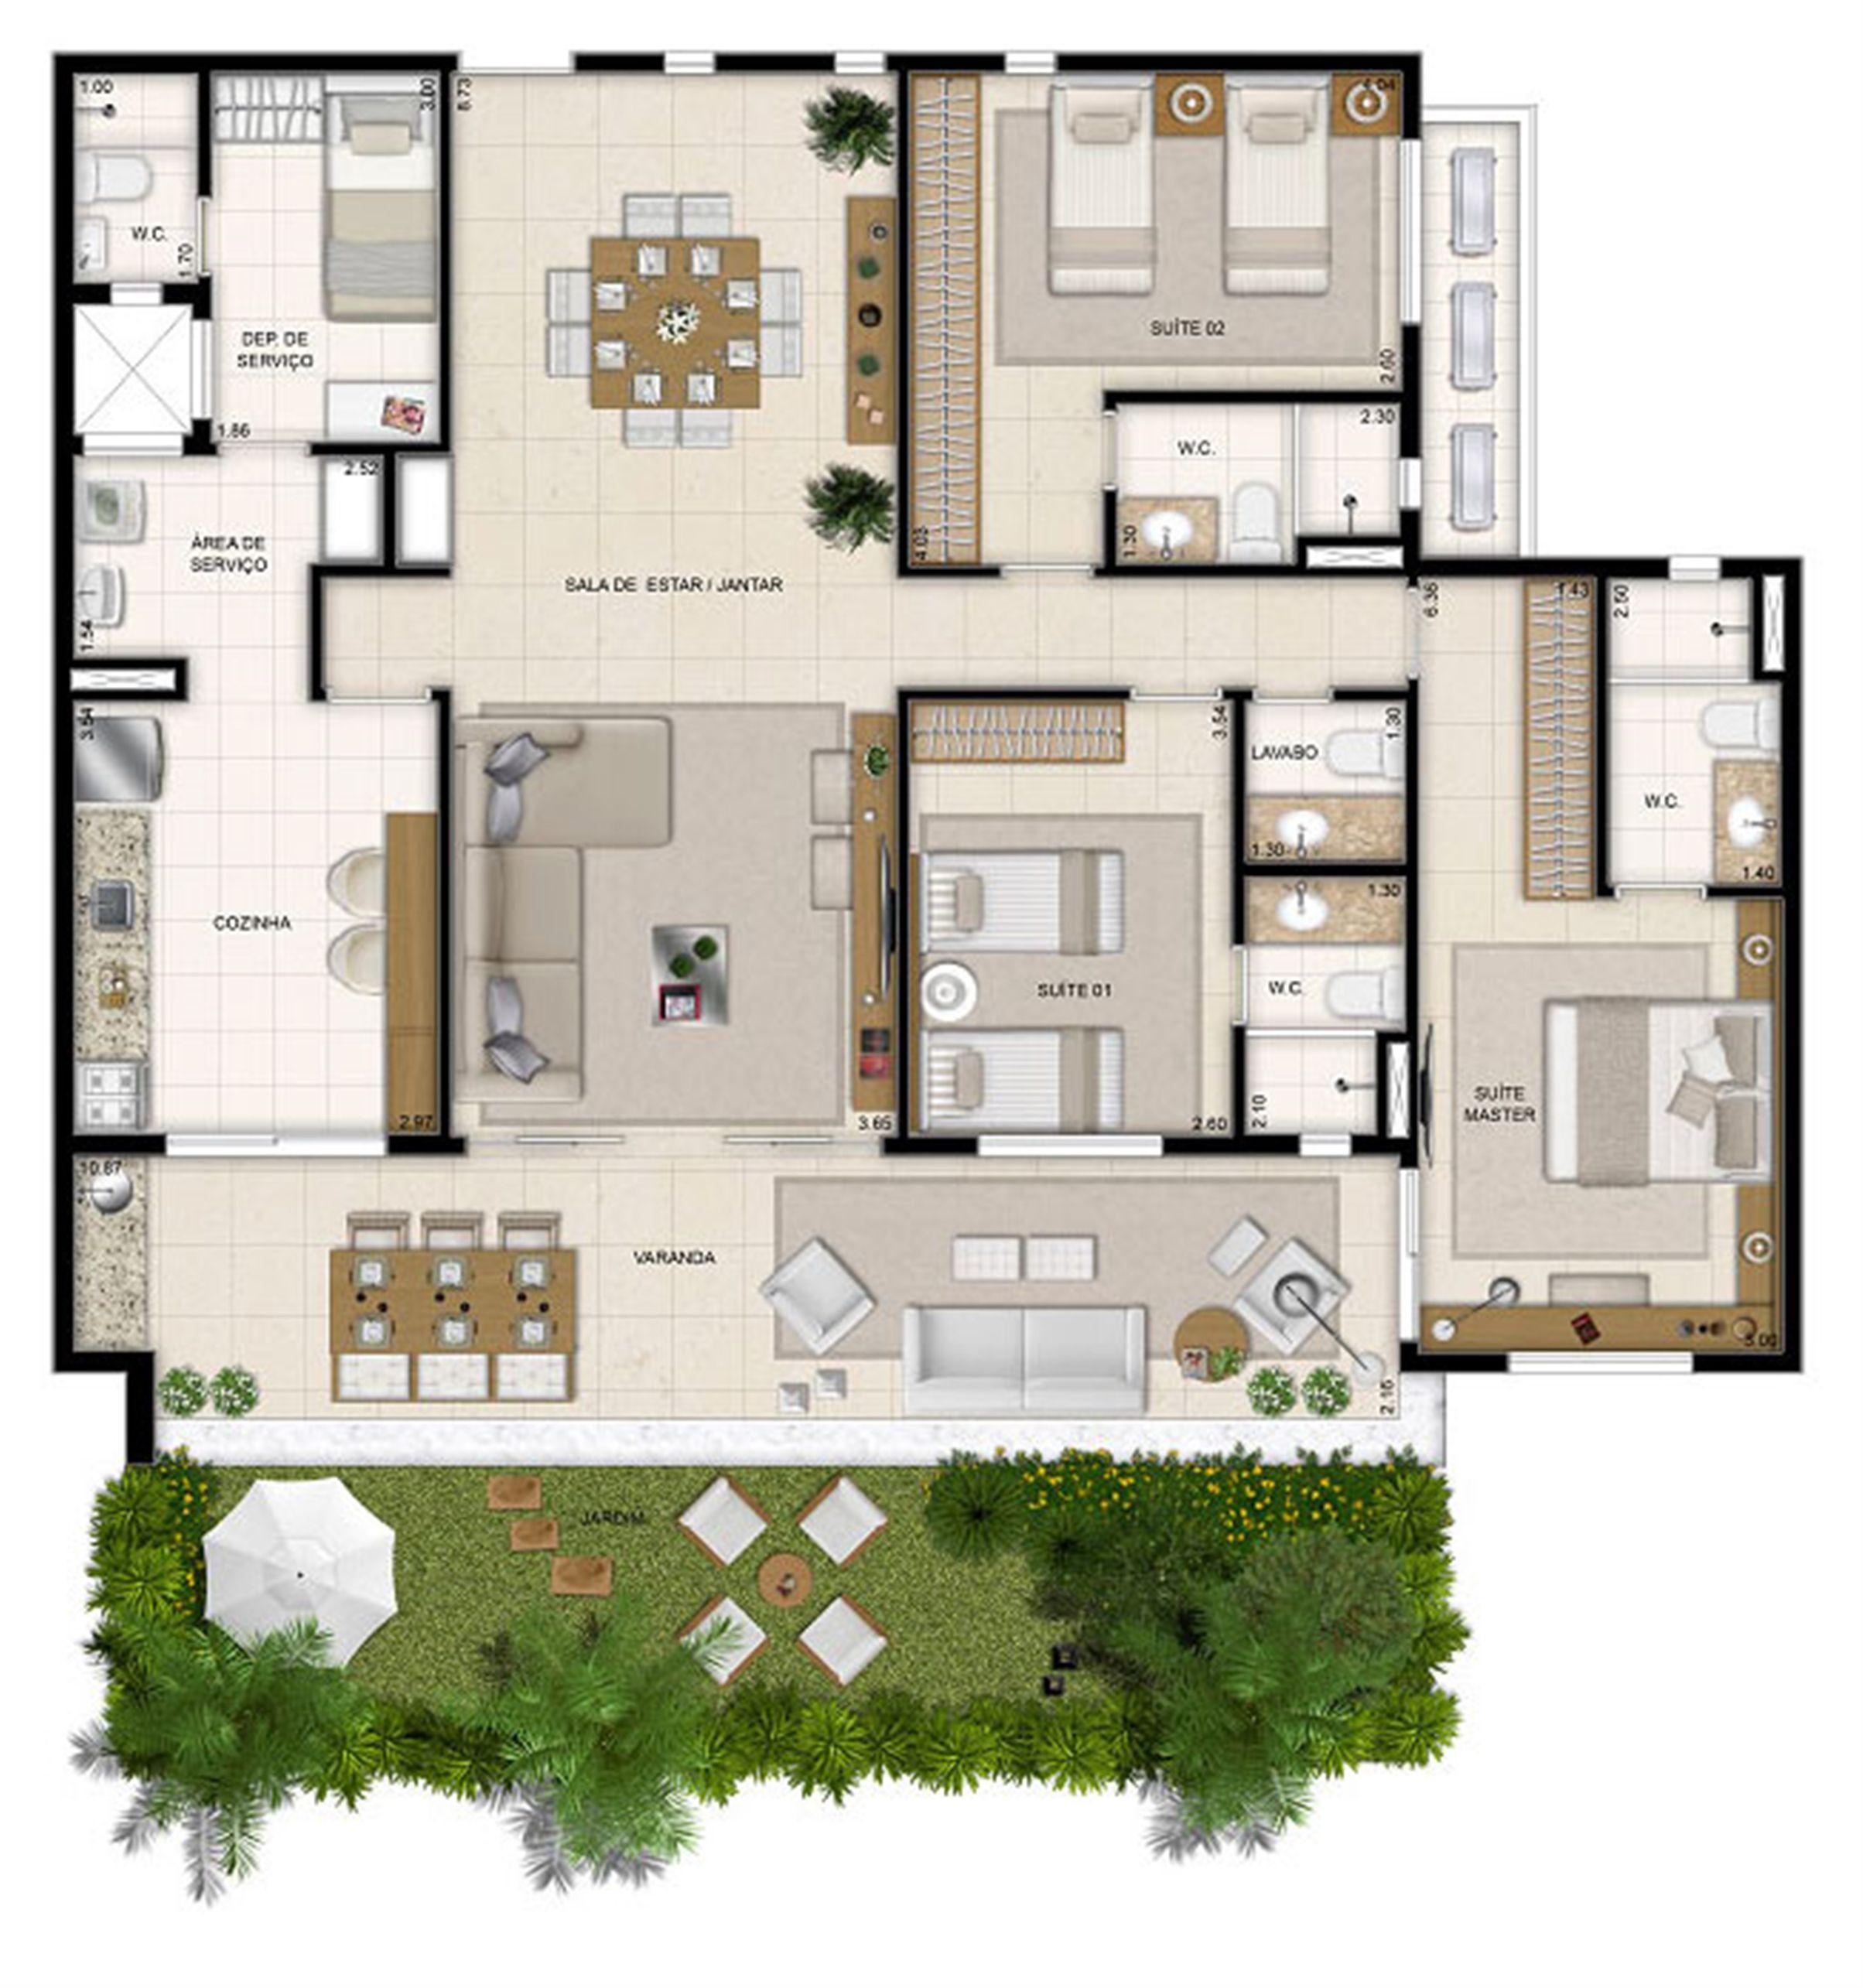 Perspectiva ilustrada da planta Mason Moana 148 m² | Mandara Kauai – Apartamento no  Porto das Dunas - Aquiraz - Ceará